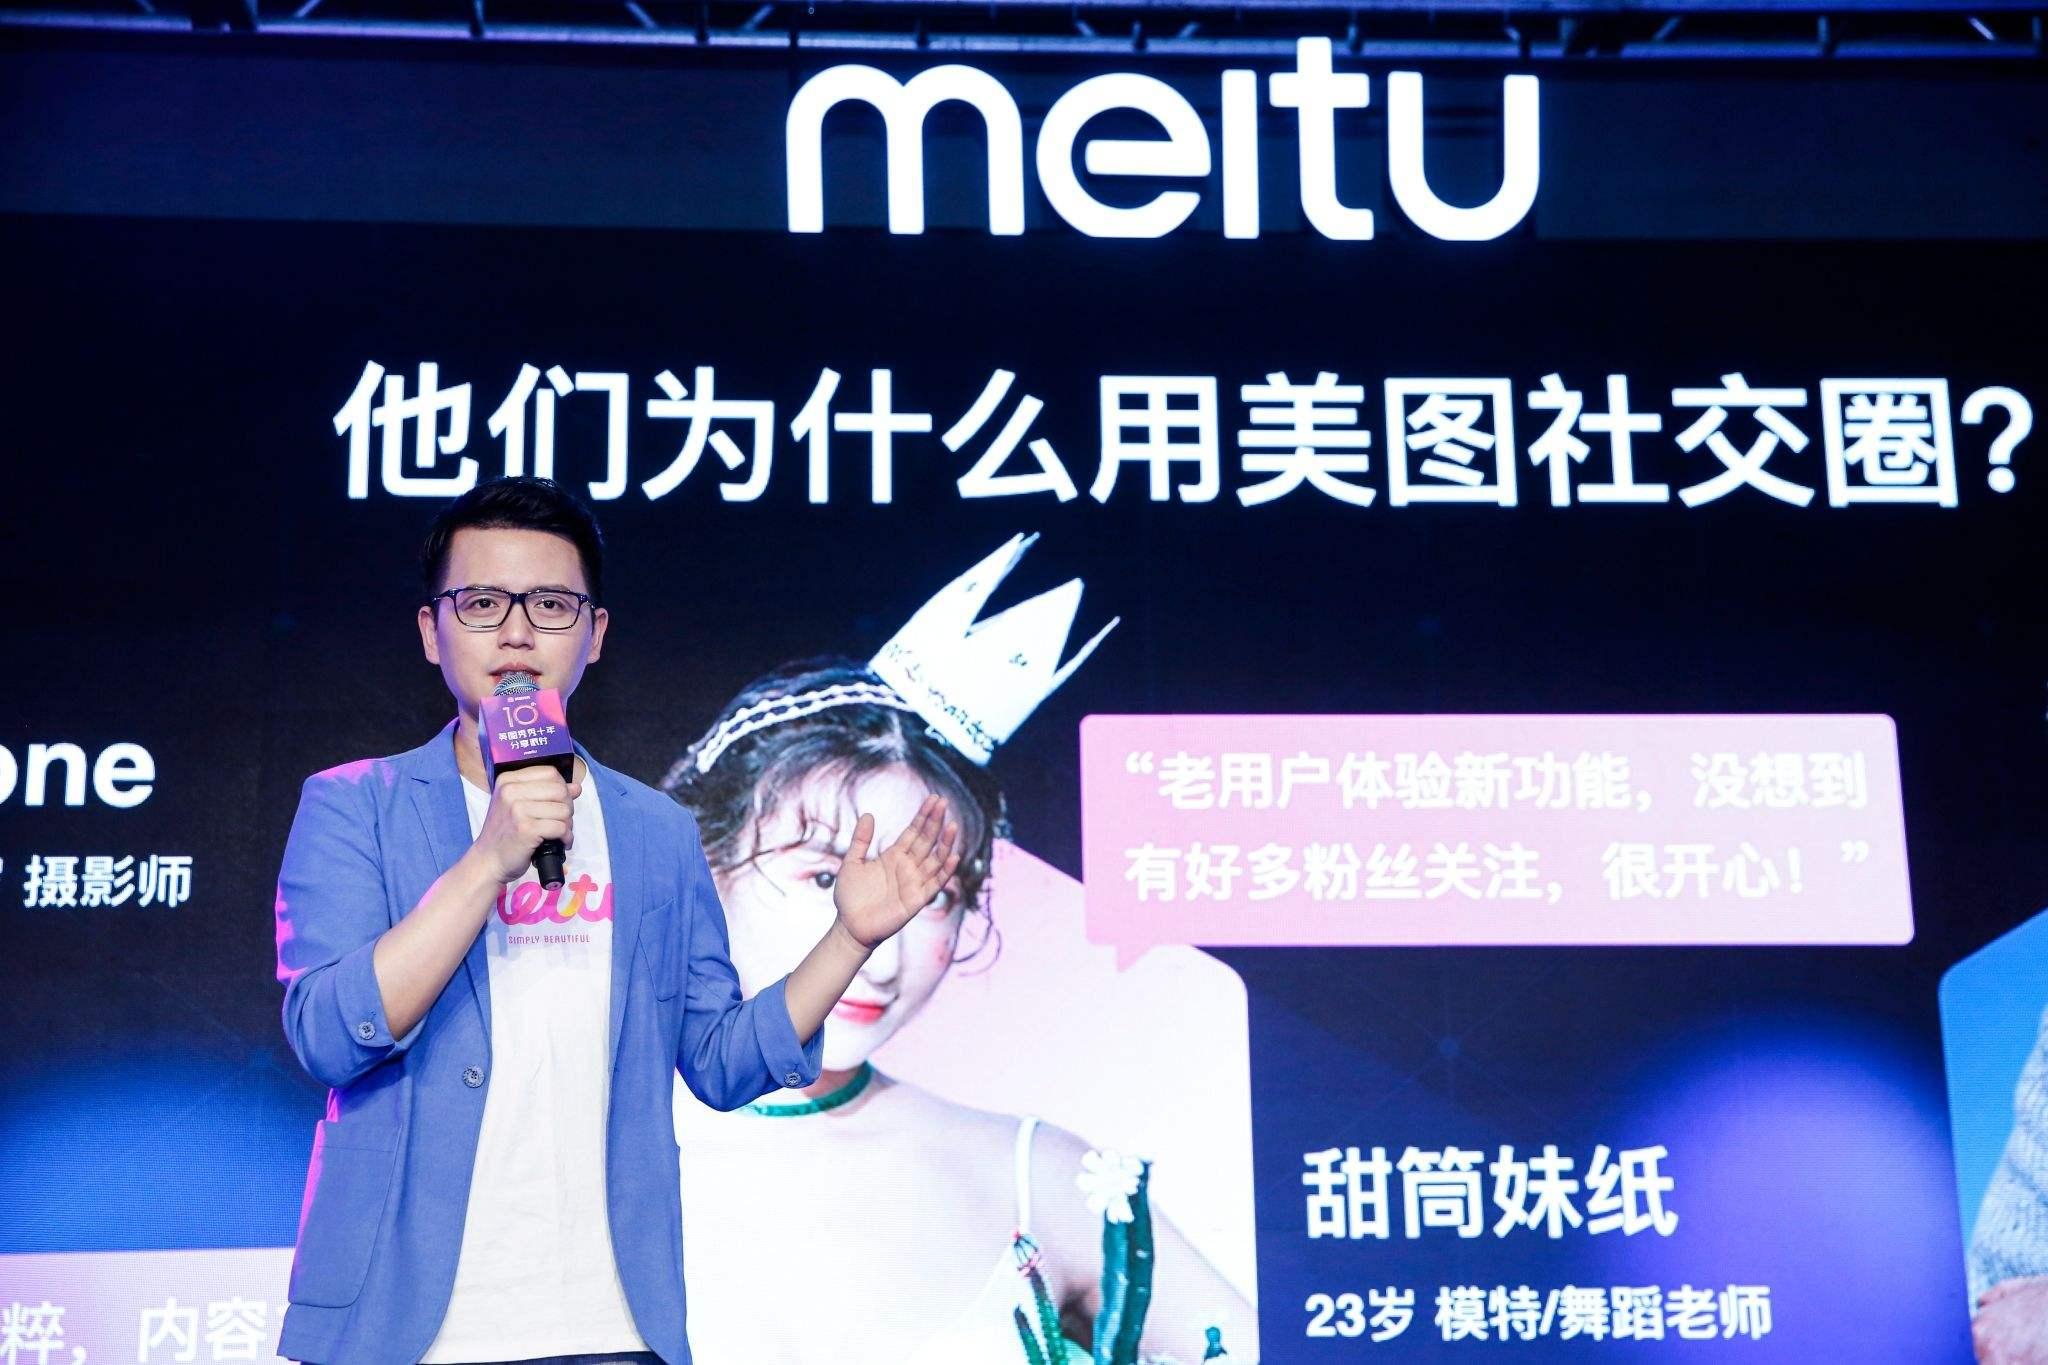 美图CEO吴欣鸿:2018年美图经受了前所未有的挑战